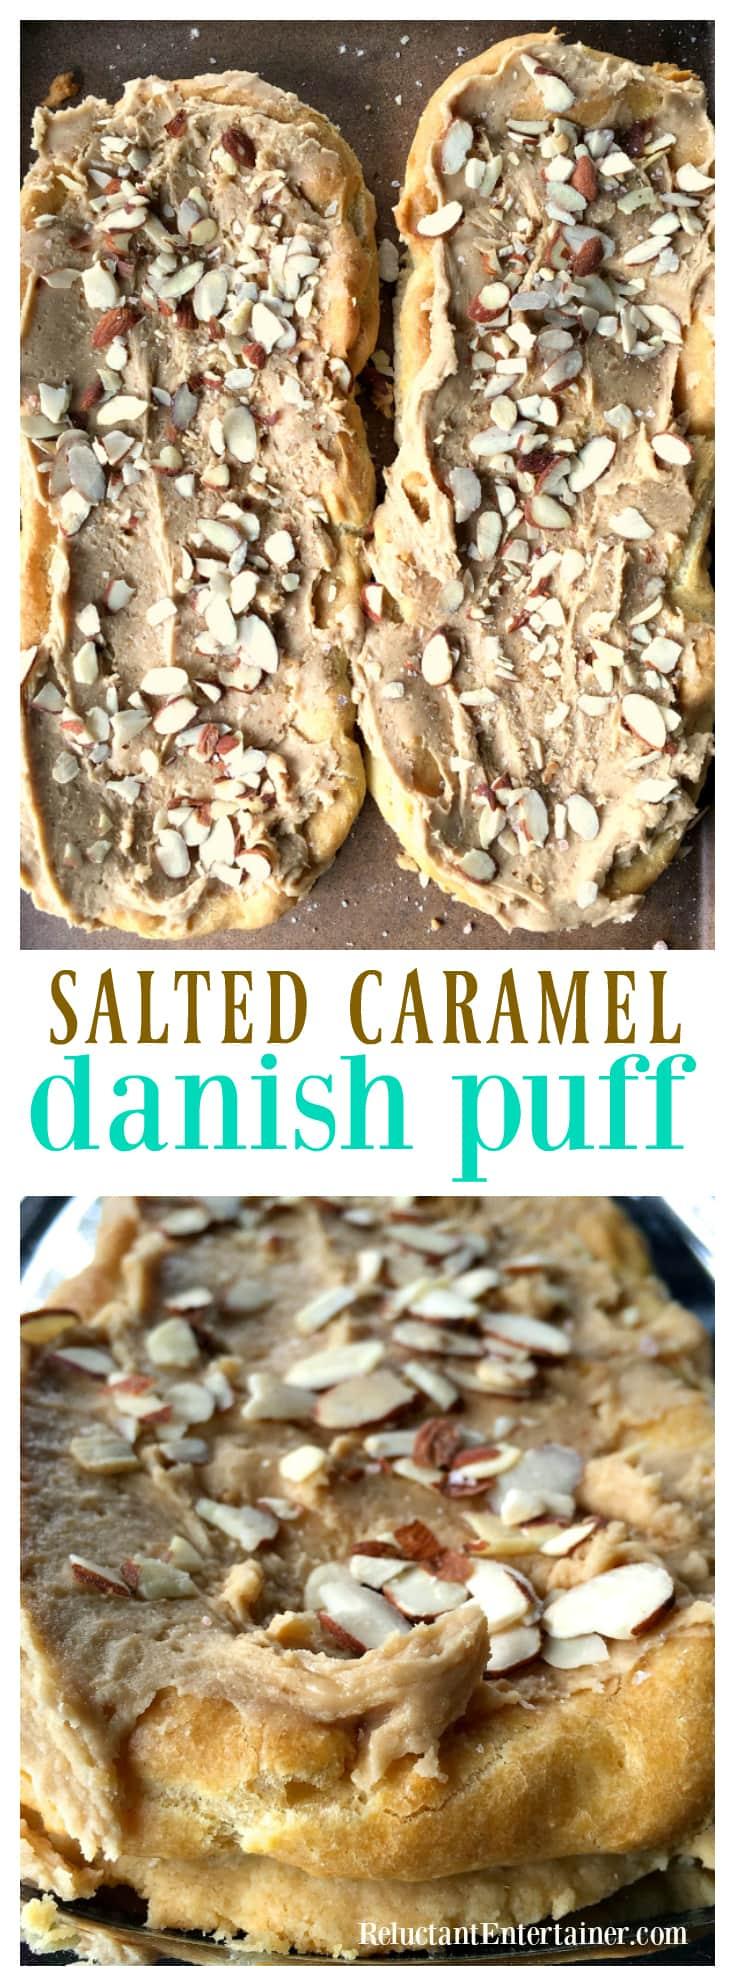 Salted Caramel Danish Puff